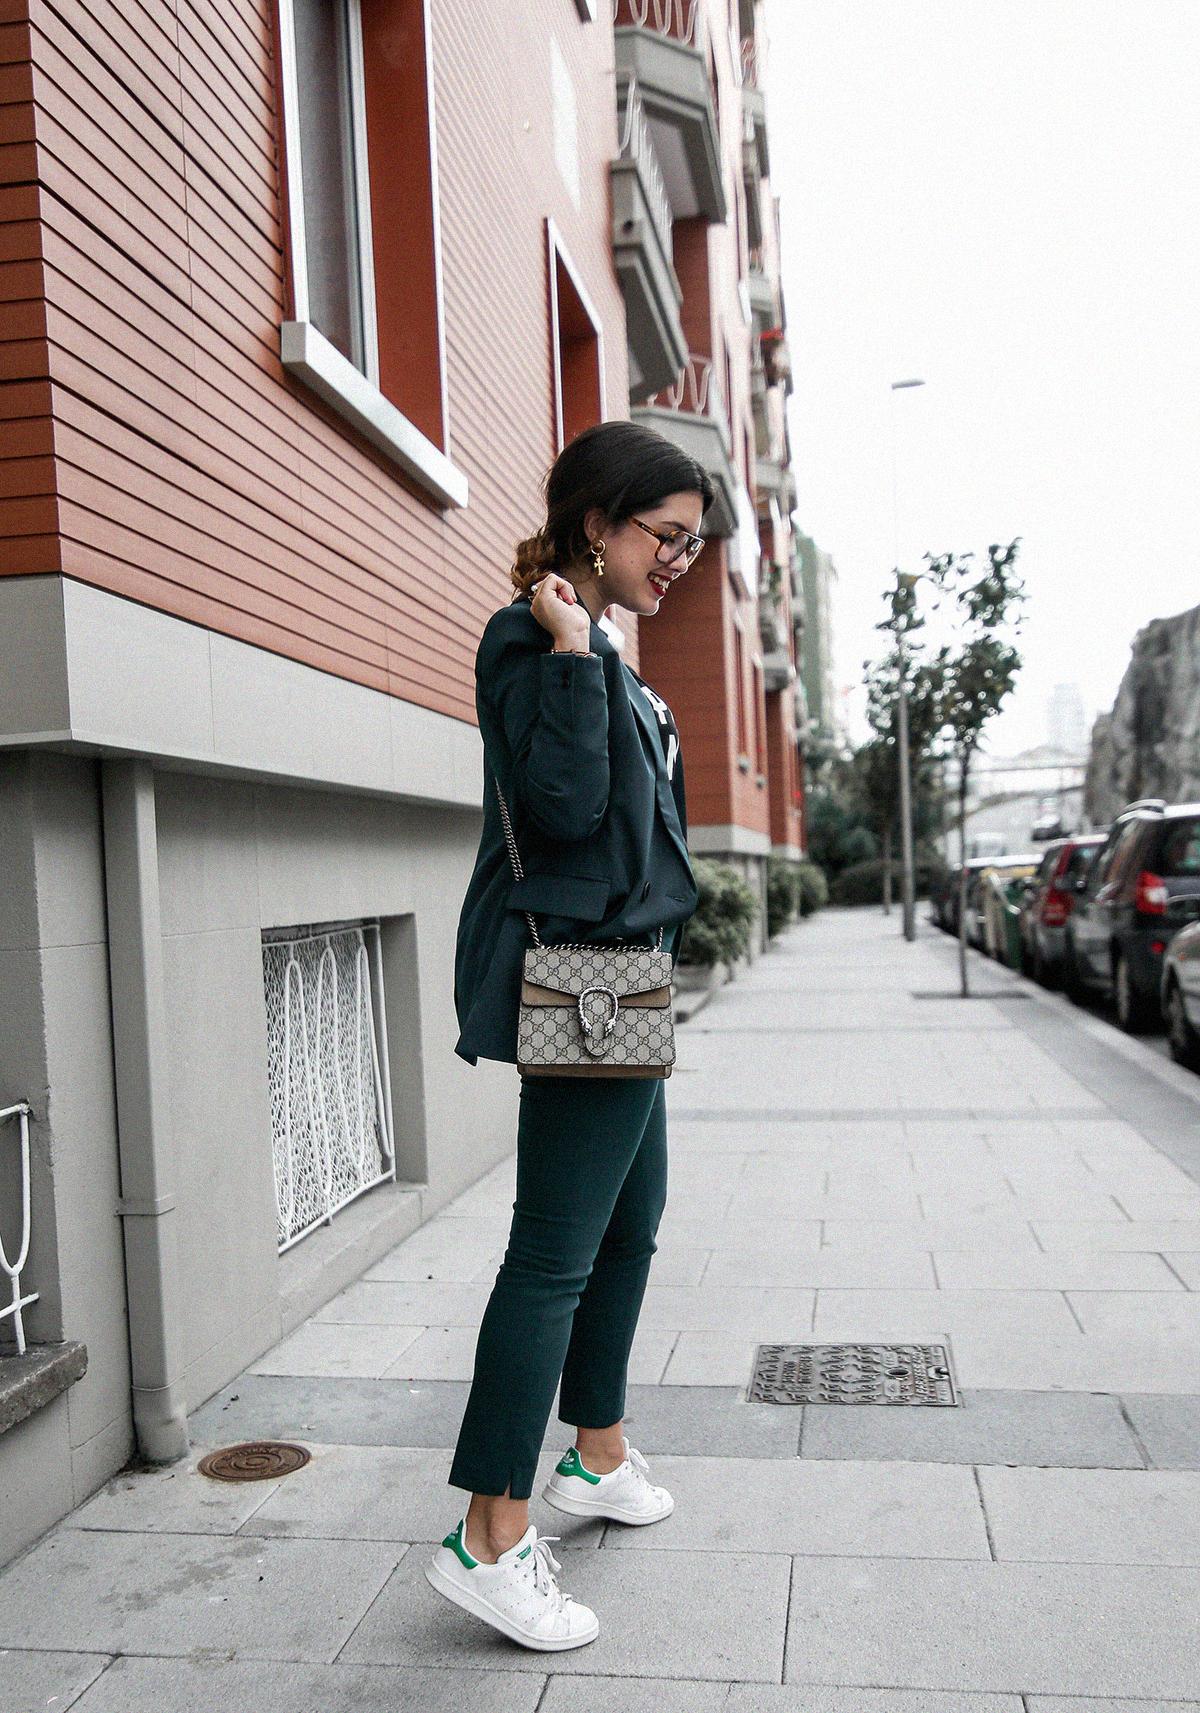 Traje De Combinar Como Mujer Un Verde ZuPkwXTOi